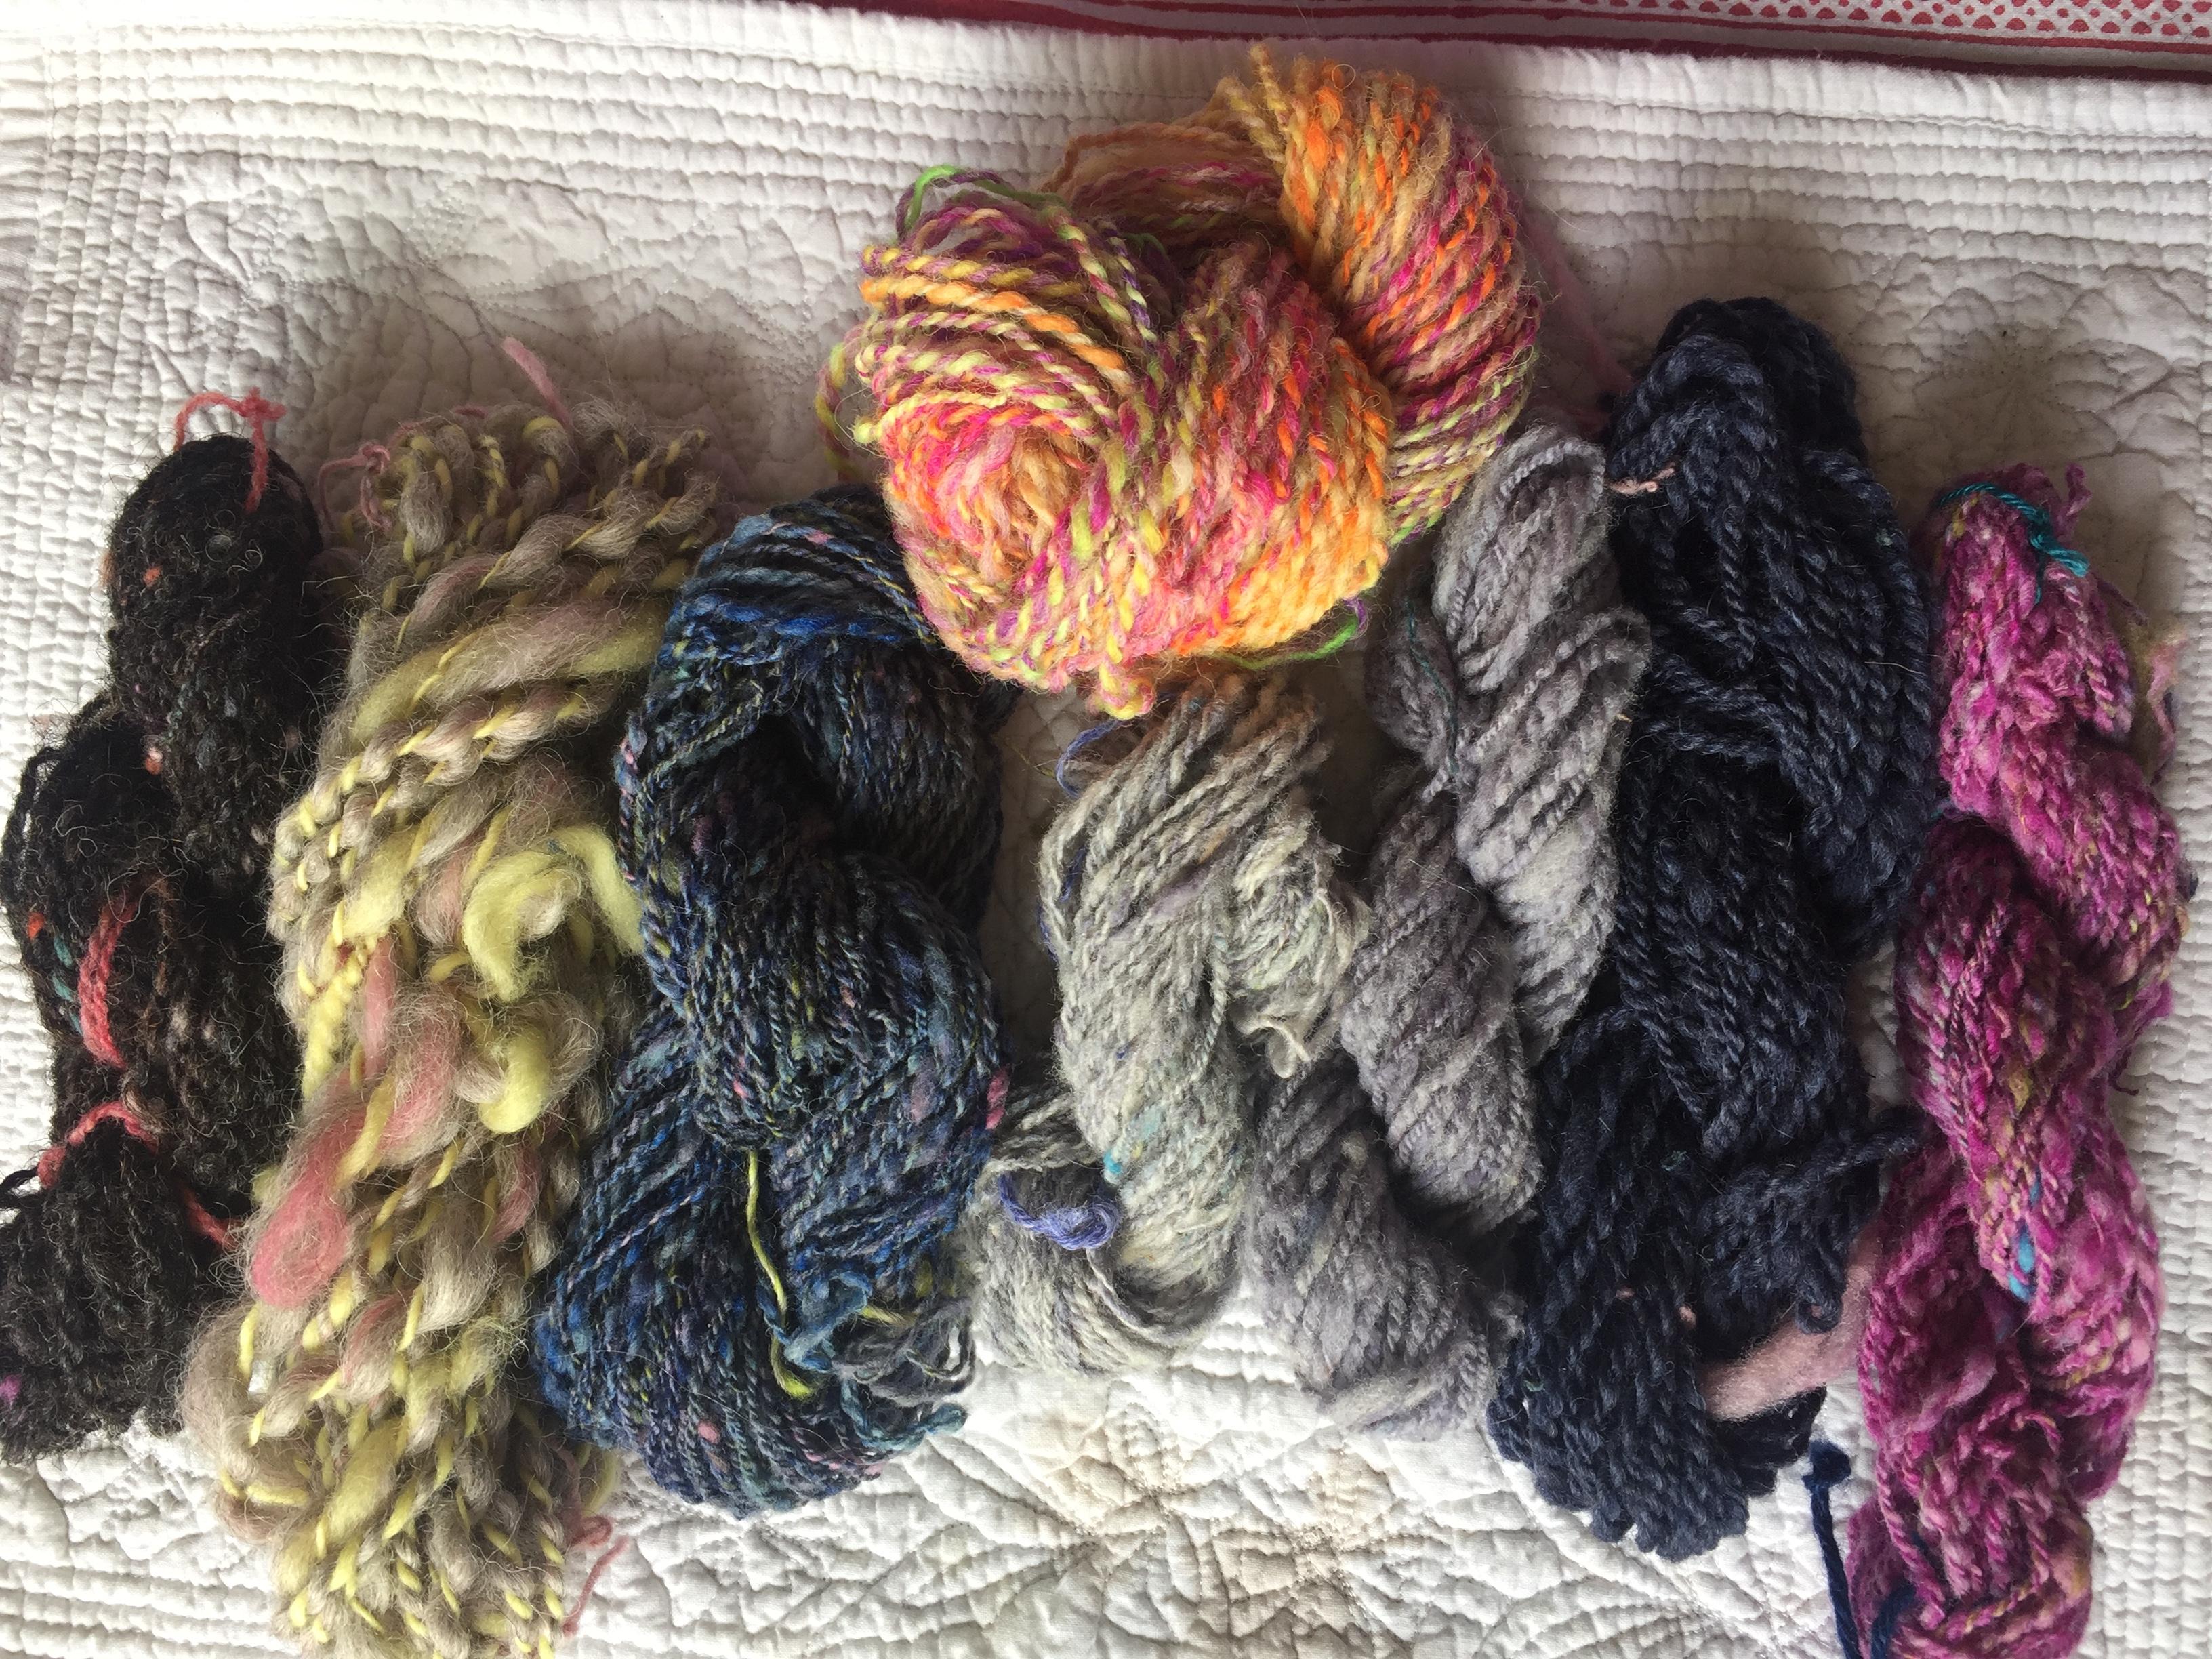 Handspun yarn gift for knitter weaving yarn Christmas gift birthday gift Gift Certificate 75 Dollars Mother/'s Day gift for her